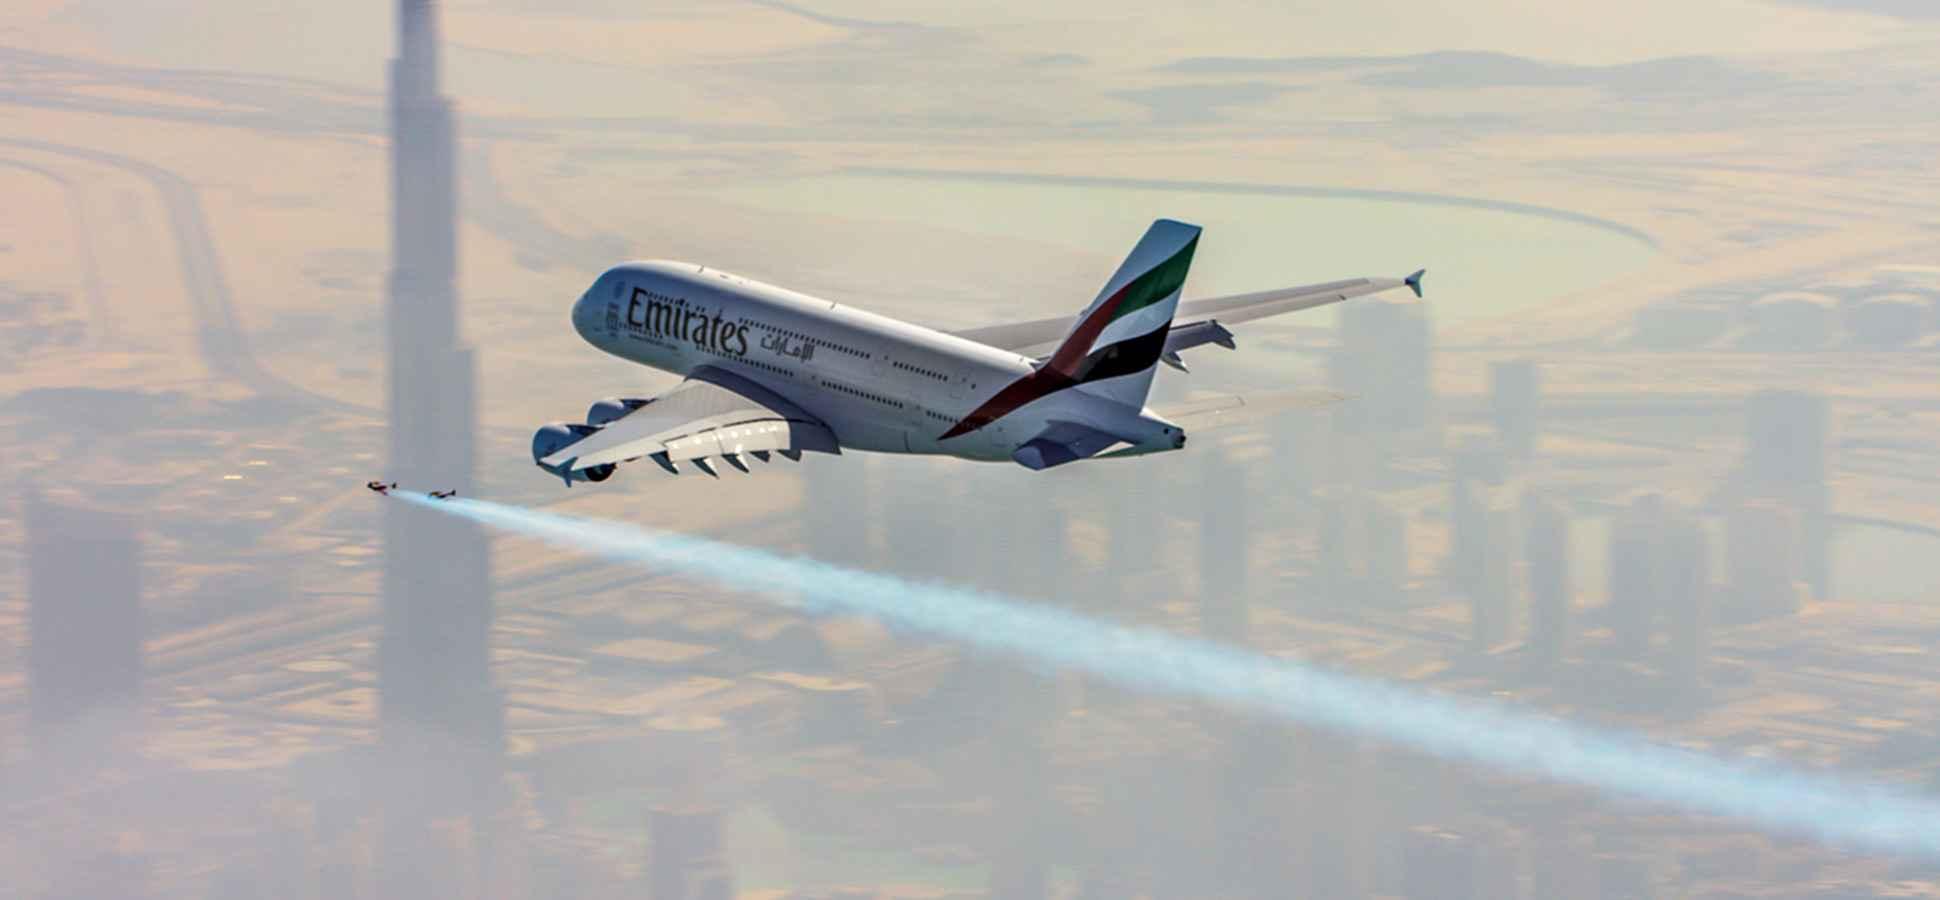 Can I Get a Jetpack Like Those Guys in Dubai? | Inc com